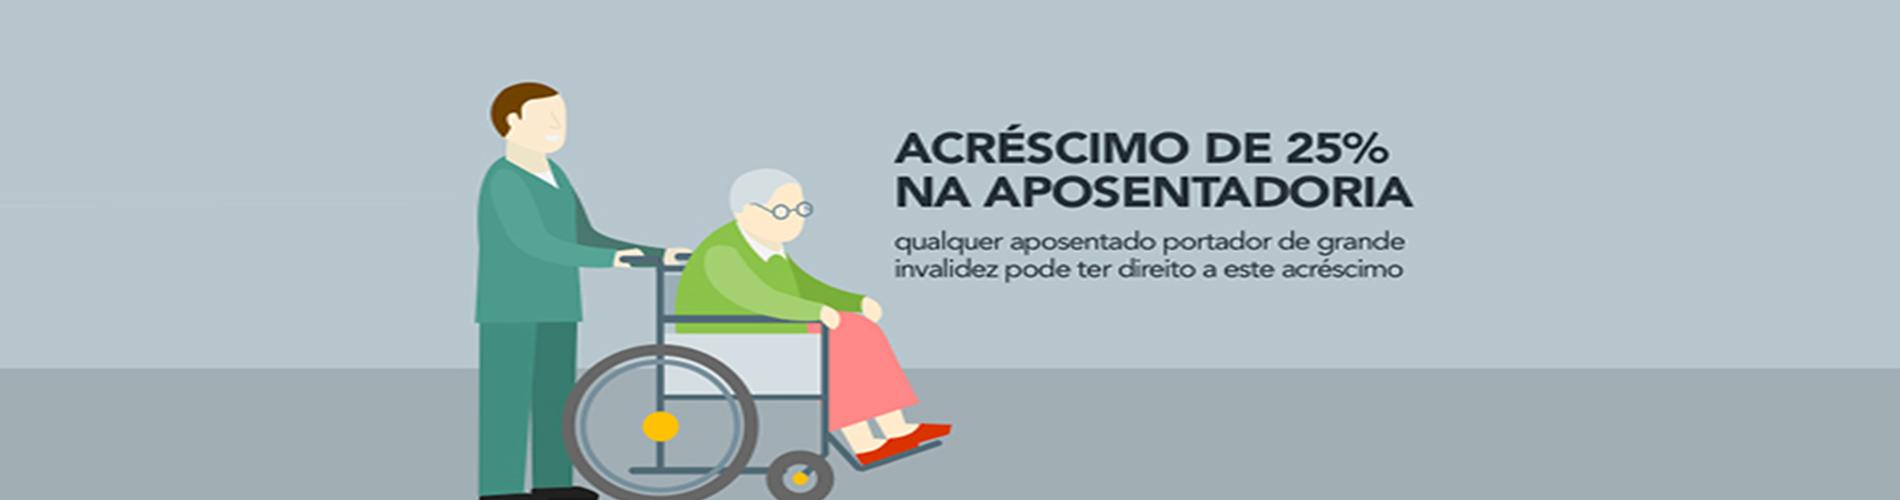 COMO OBTER UM ADICIONAL DE 25% NA APOSENTADORIA DE QUEM PRECISA DO AUXÍLIO DE OUTRA PESSOA